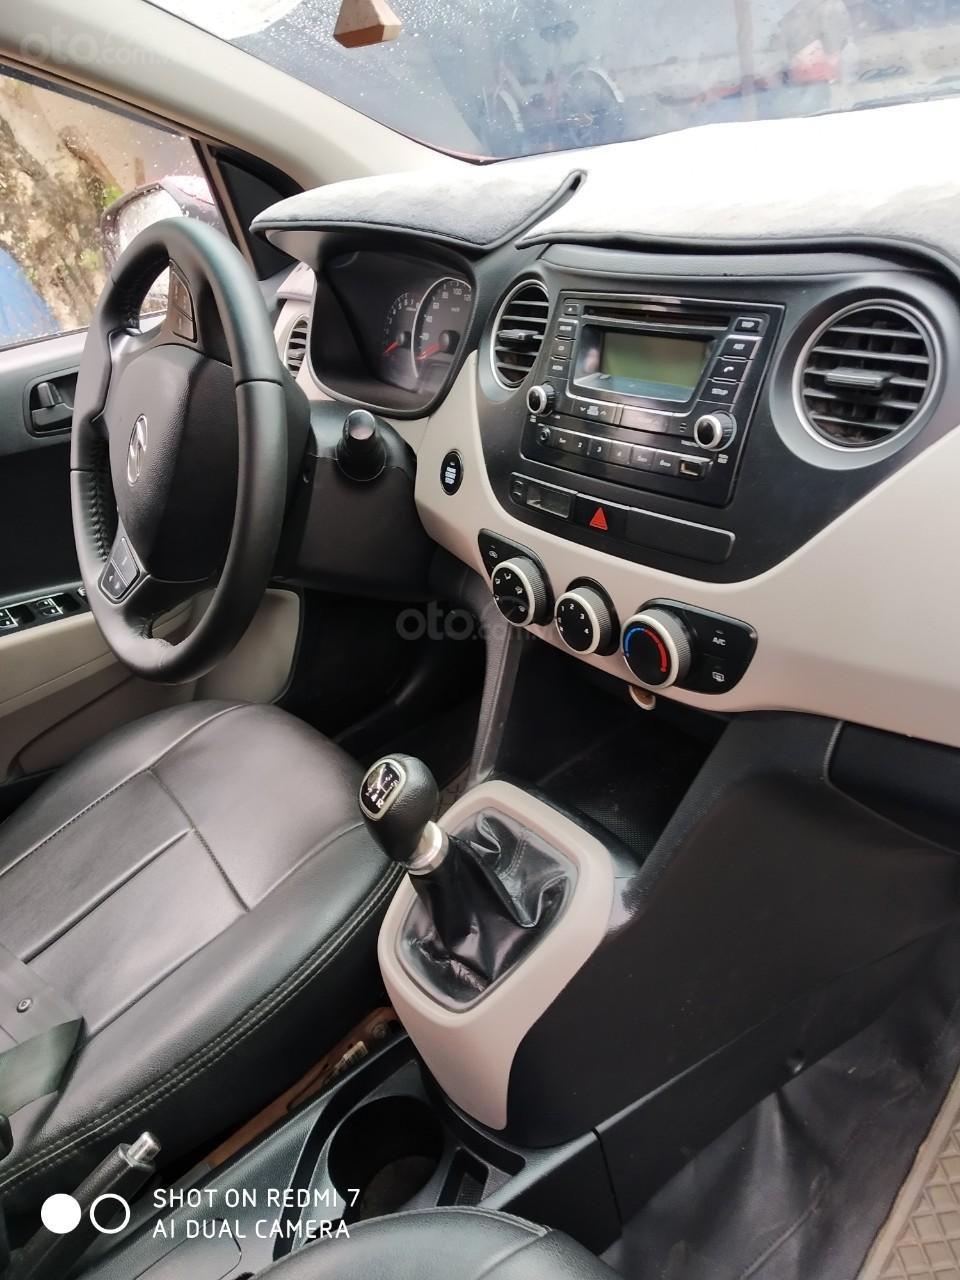 Bán xe Hyundai Grand i10 xe gần như mới 90% (8)